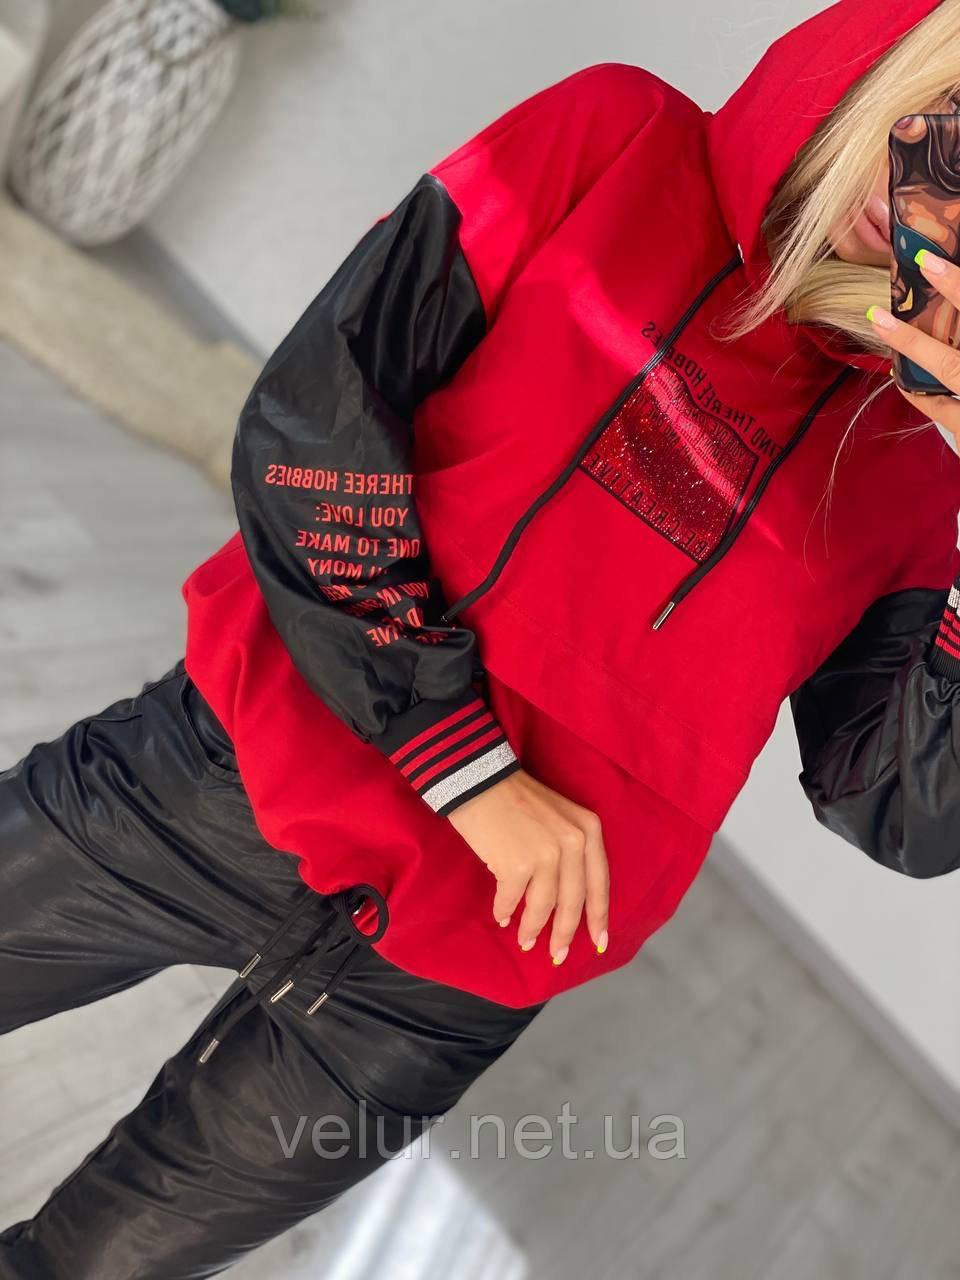 Жіночий турецький костюм з трикотажу і екошкіра Розміри:З,М,Л,ХЛ (повномірні), 2 кольори.